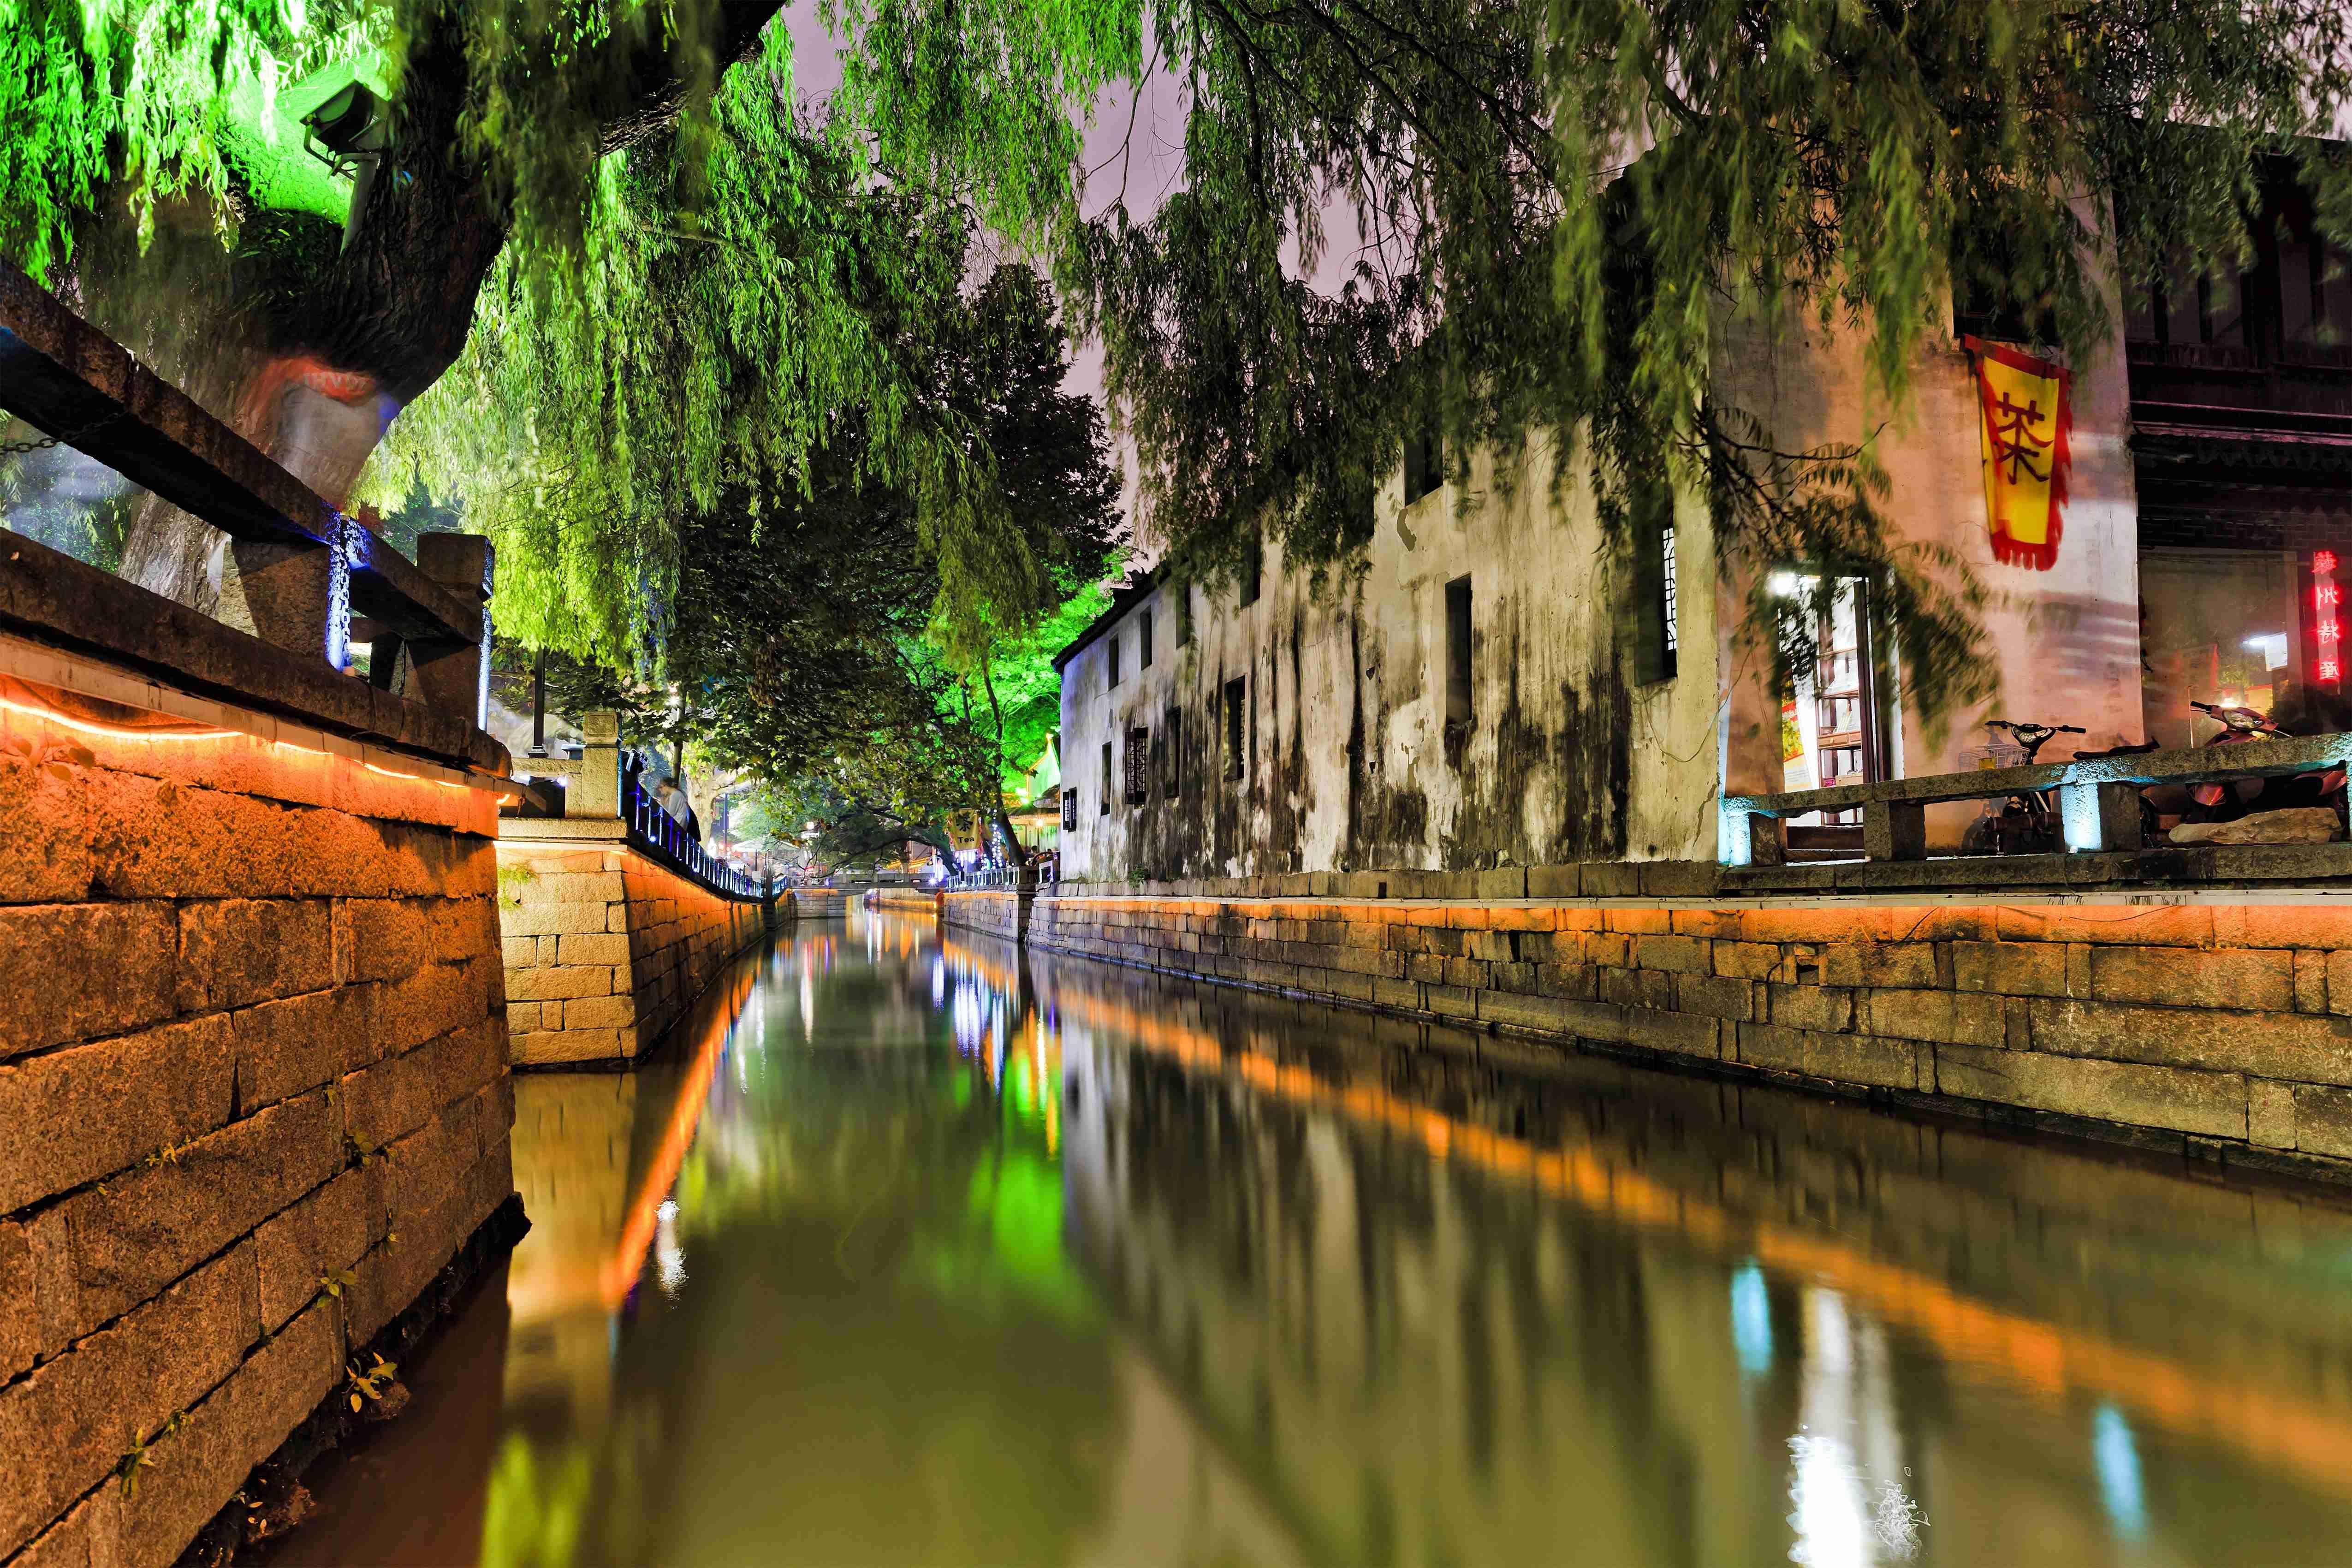 Suzhou waterway - China tour operators